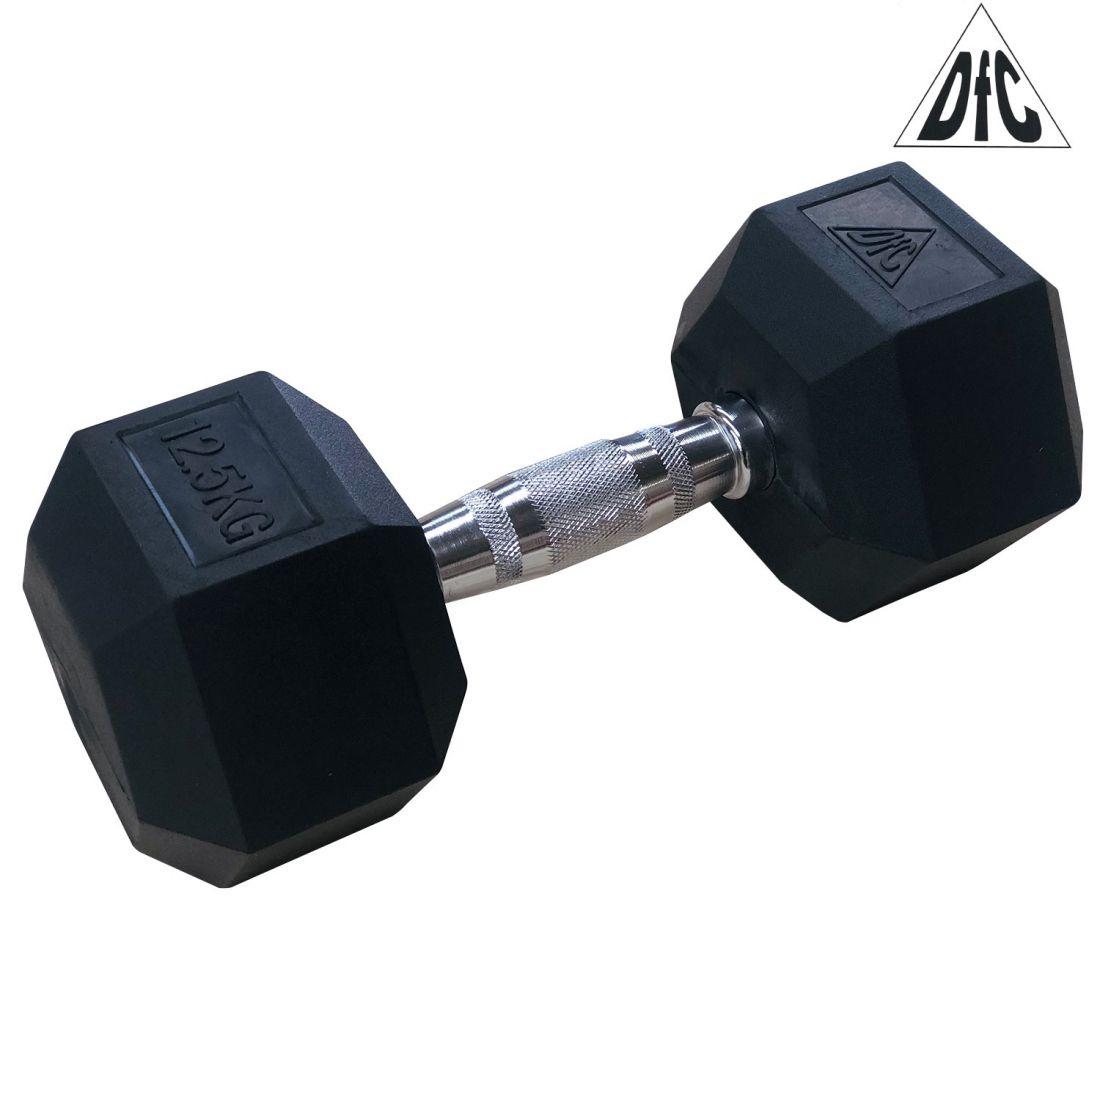 Гантели DFC гексаг. обрезиненная пара 12.5 кг DB001-12.5